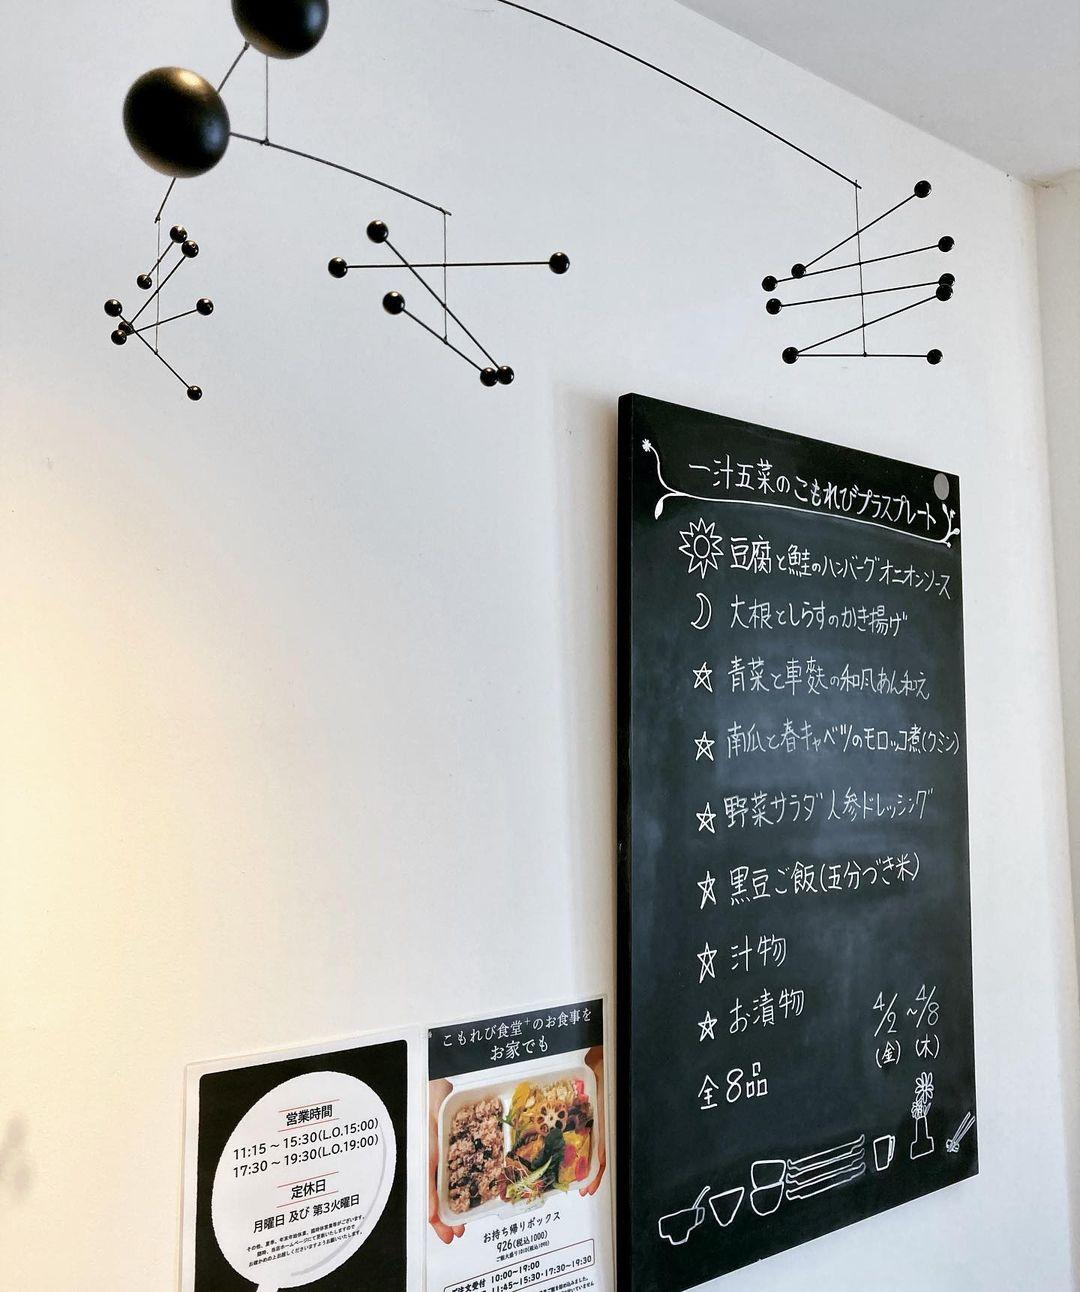 浦和「こもれび食堂+」へ、kuboぱんさんと。(2021.04.04)